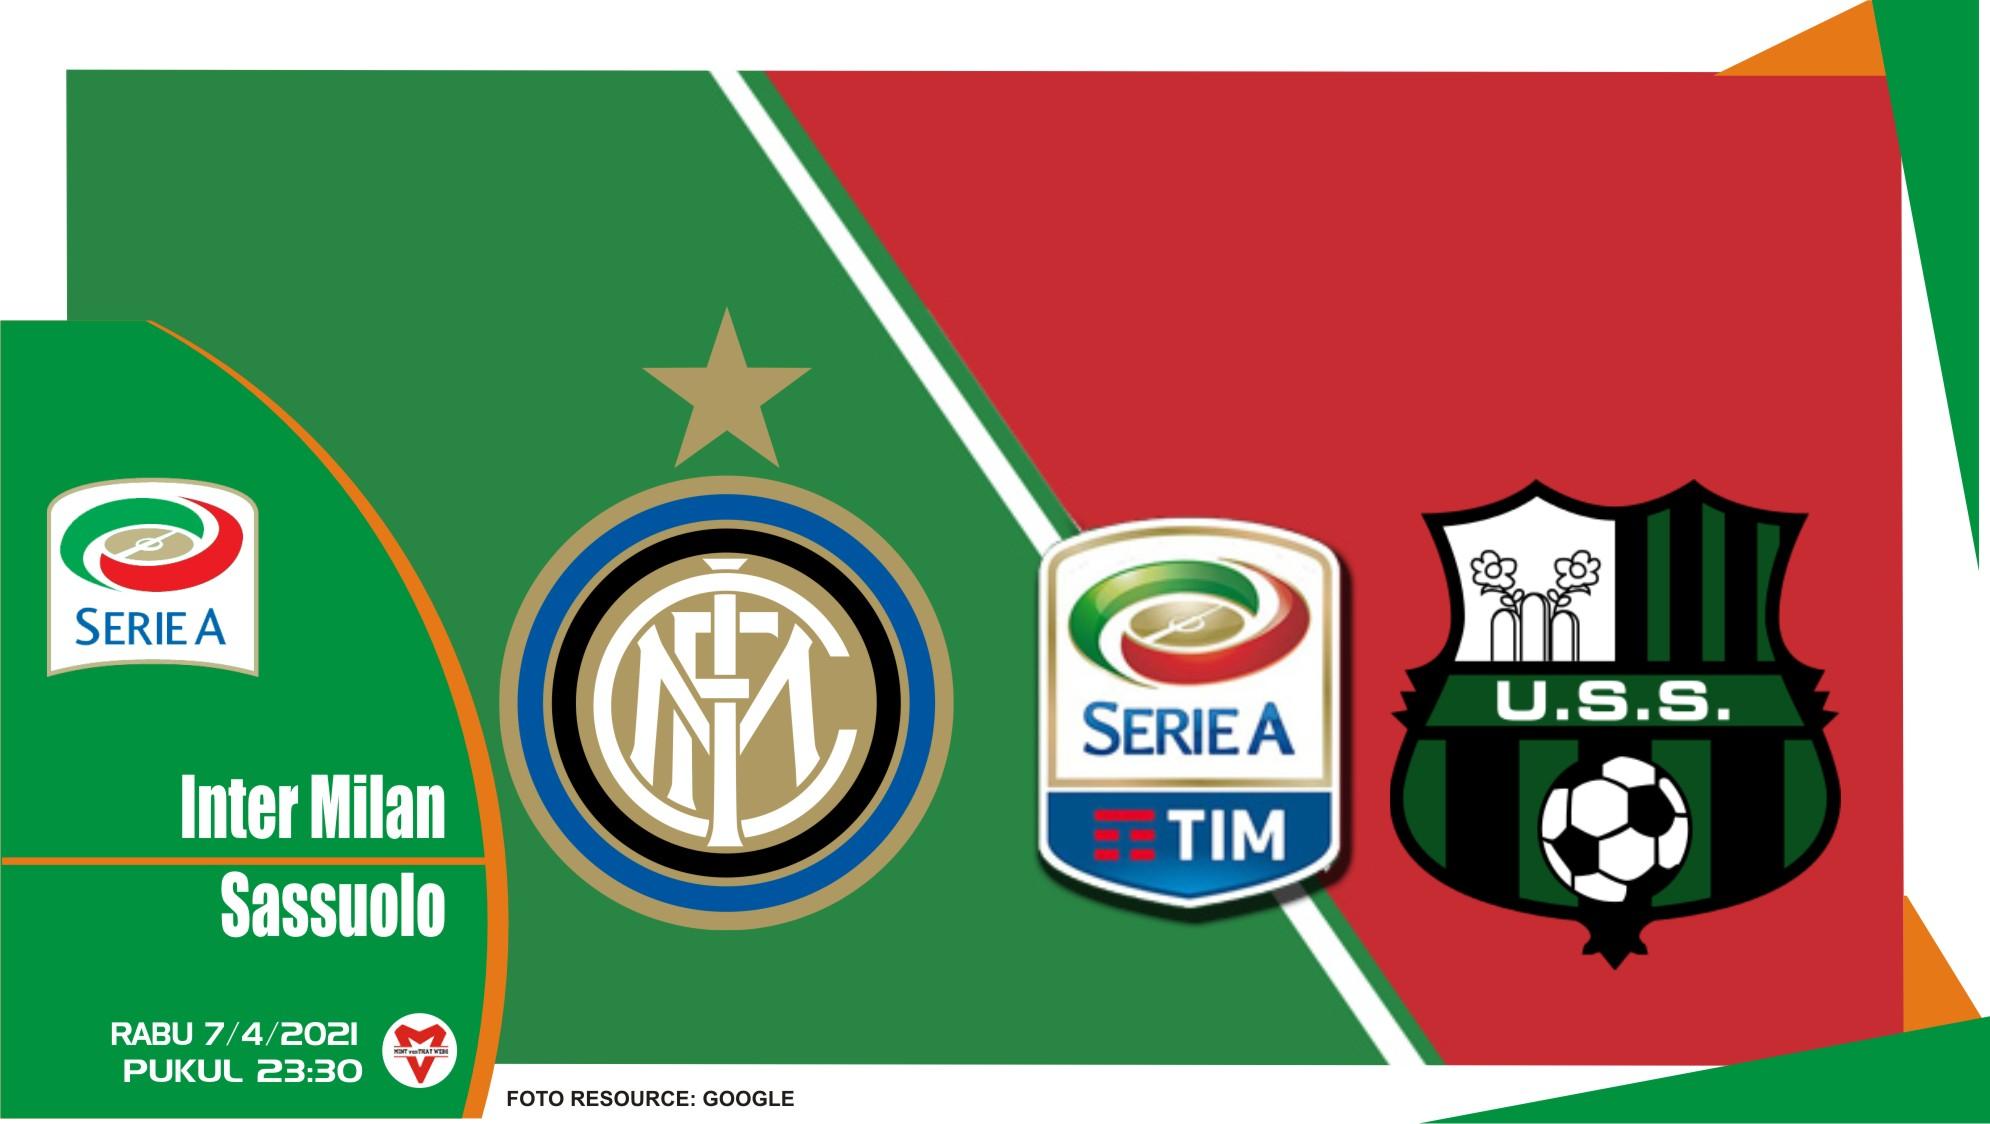 Prediksi Liga Italia: Inter Milan vs Sassuolo - 7 April 2021